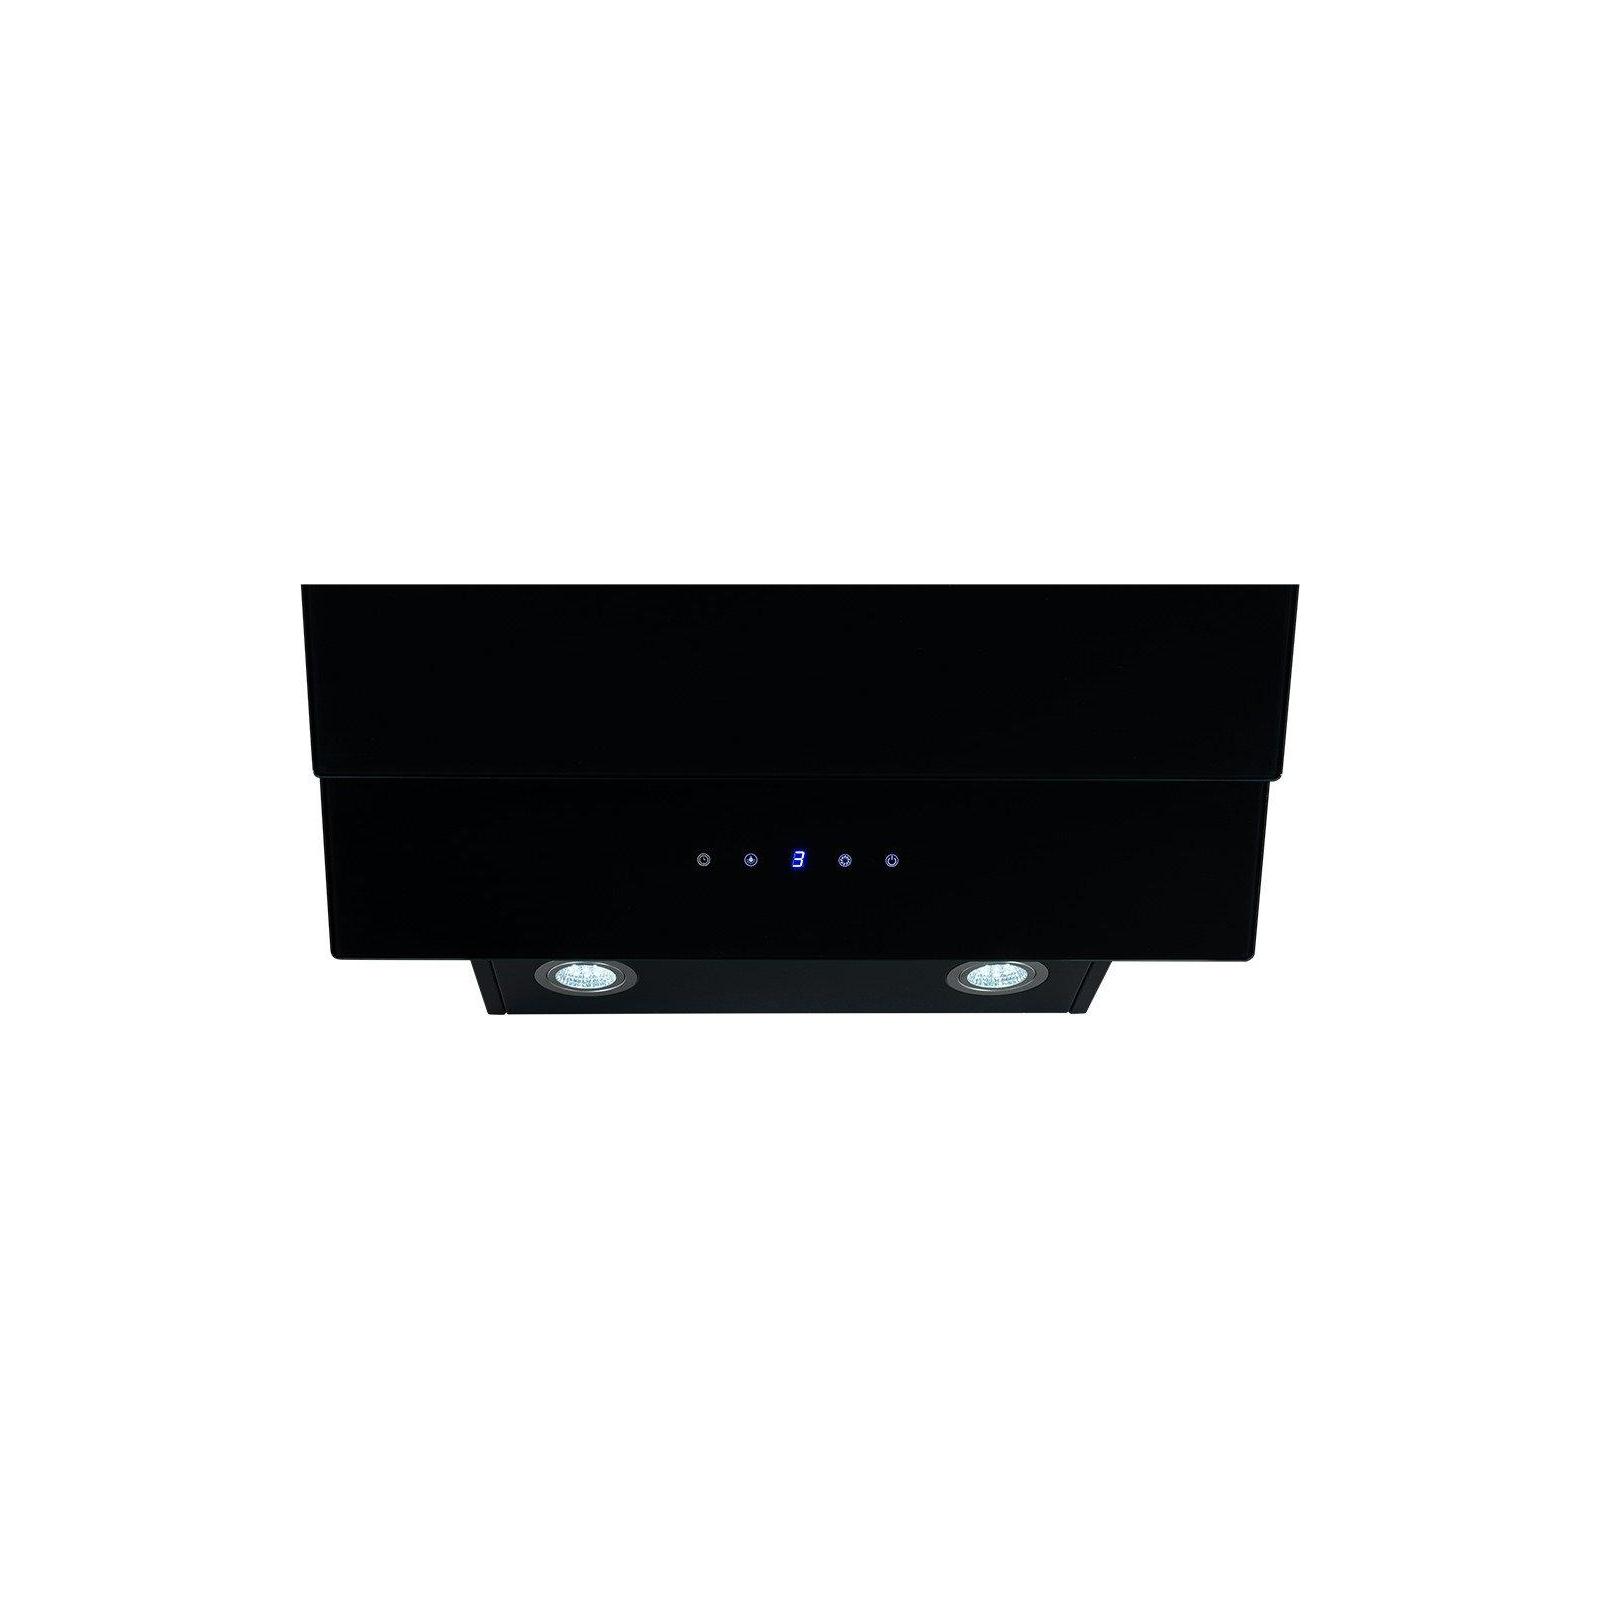 Вытяжка кухонная MINOLA HVS 6682 BL 1000 LED изображение 4